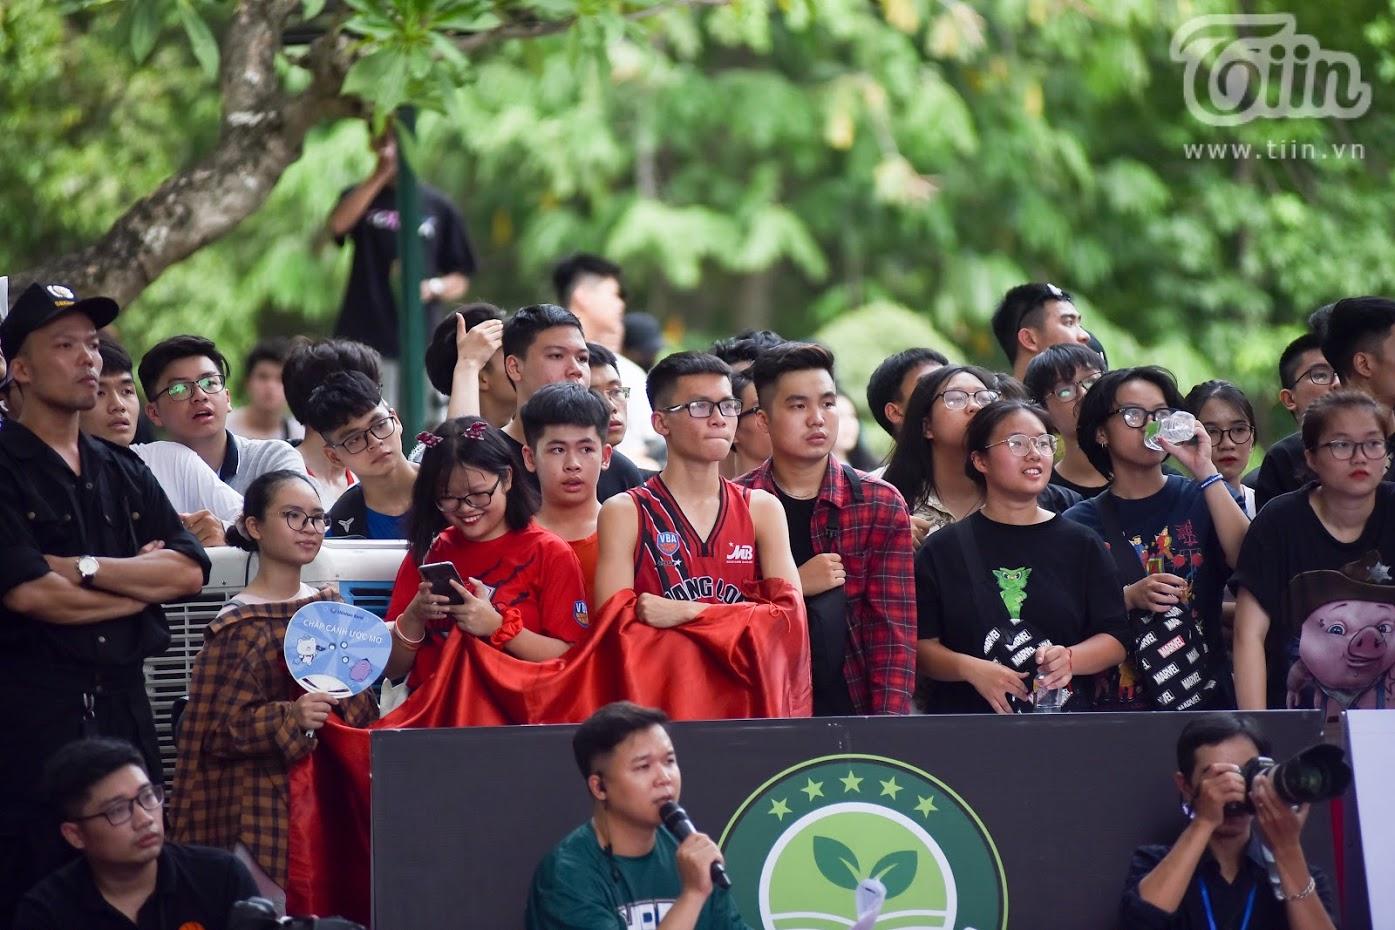 Giải bóng rổ chưa có tiền lệ giữa phố đi bộ Hồ Gươm: Giới trẻbất chấp nắng nóng gay gắt đến xem chật cứng 9